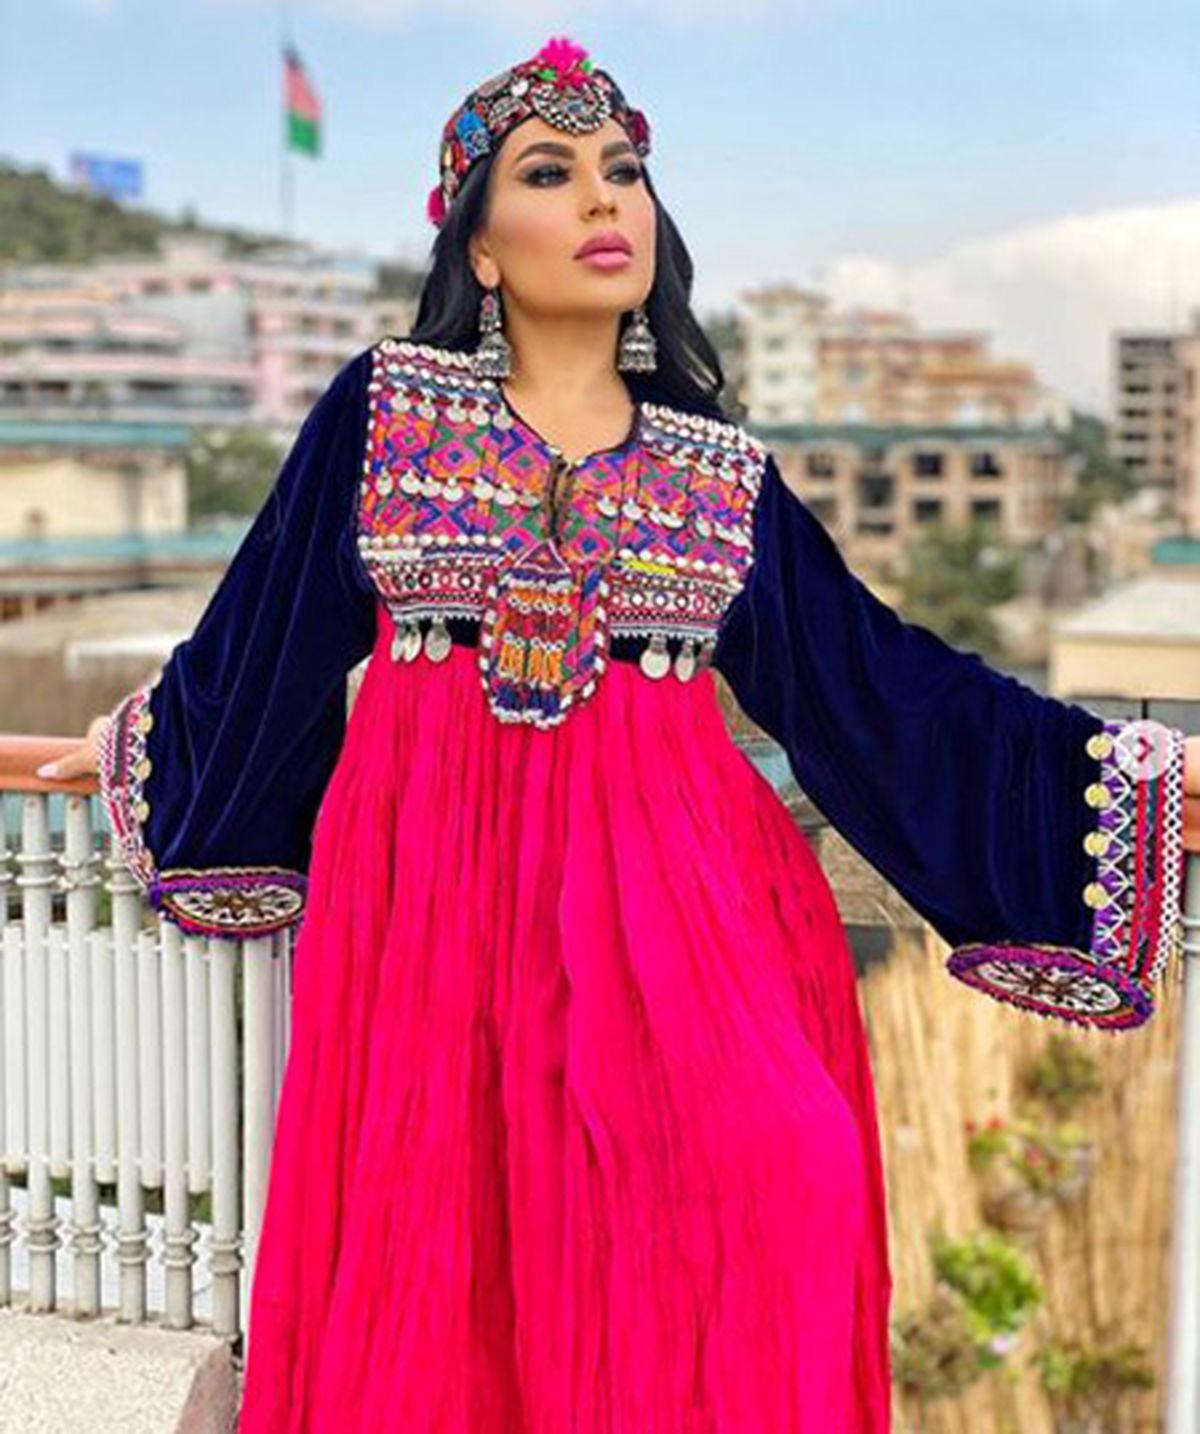 فرار آریانا سعید خواننده مشهور افغانستان از دست طالبان   آریانا سعید کیست؟